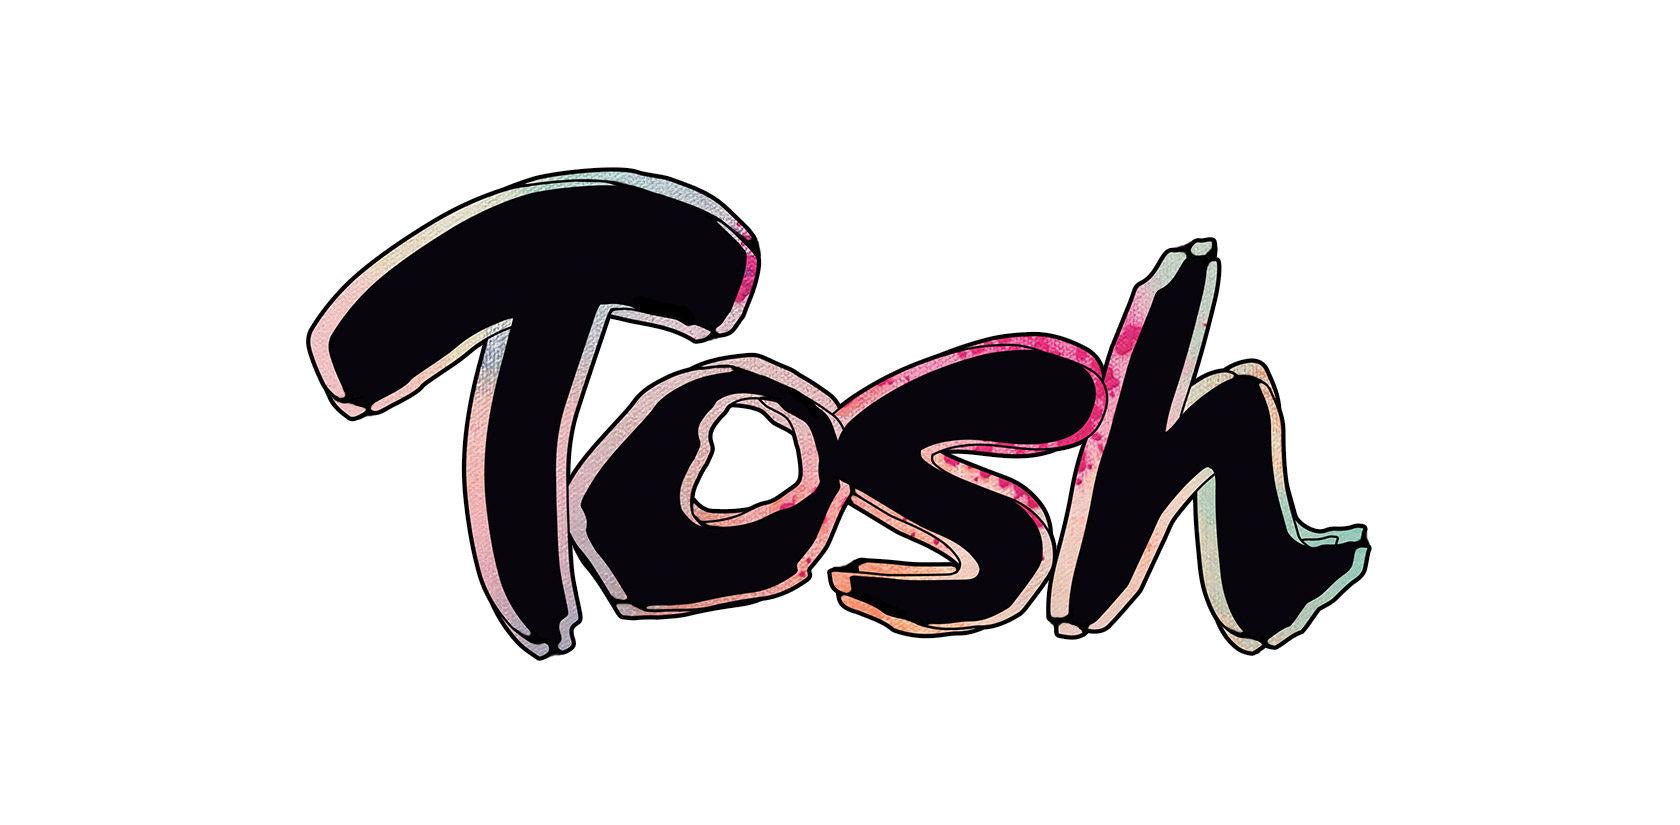 Tosh Jeffrey Alternate Logo by Furia